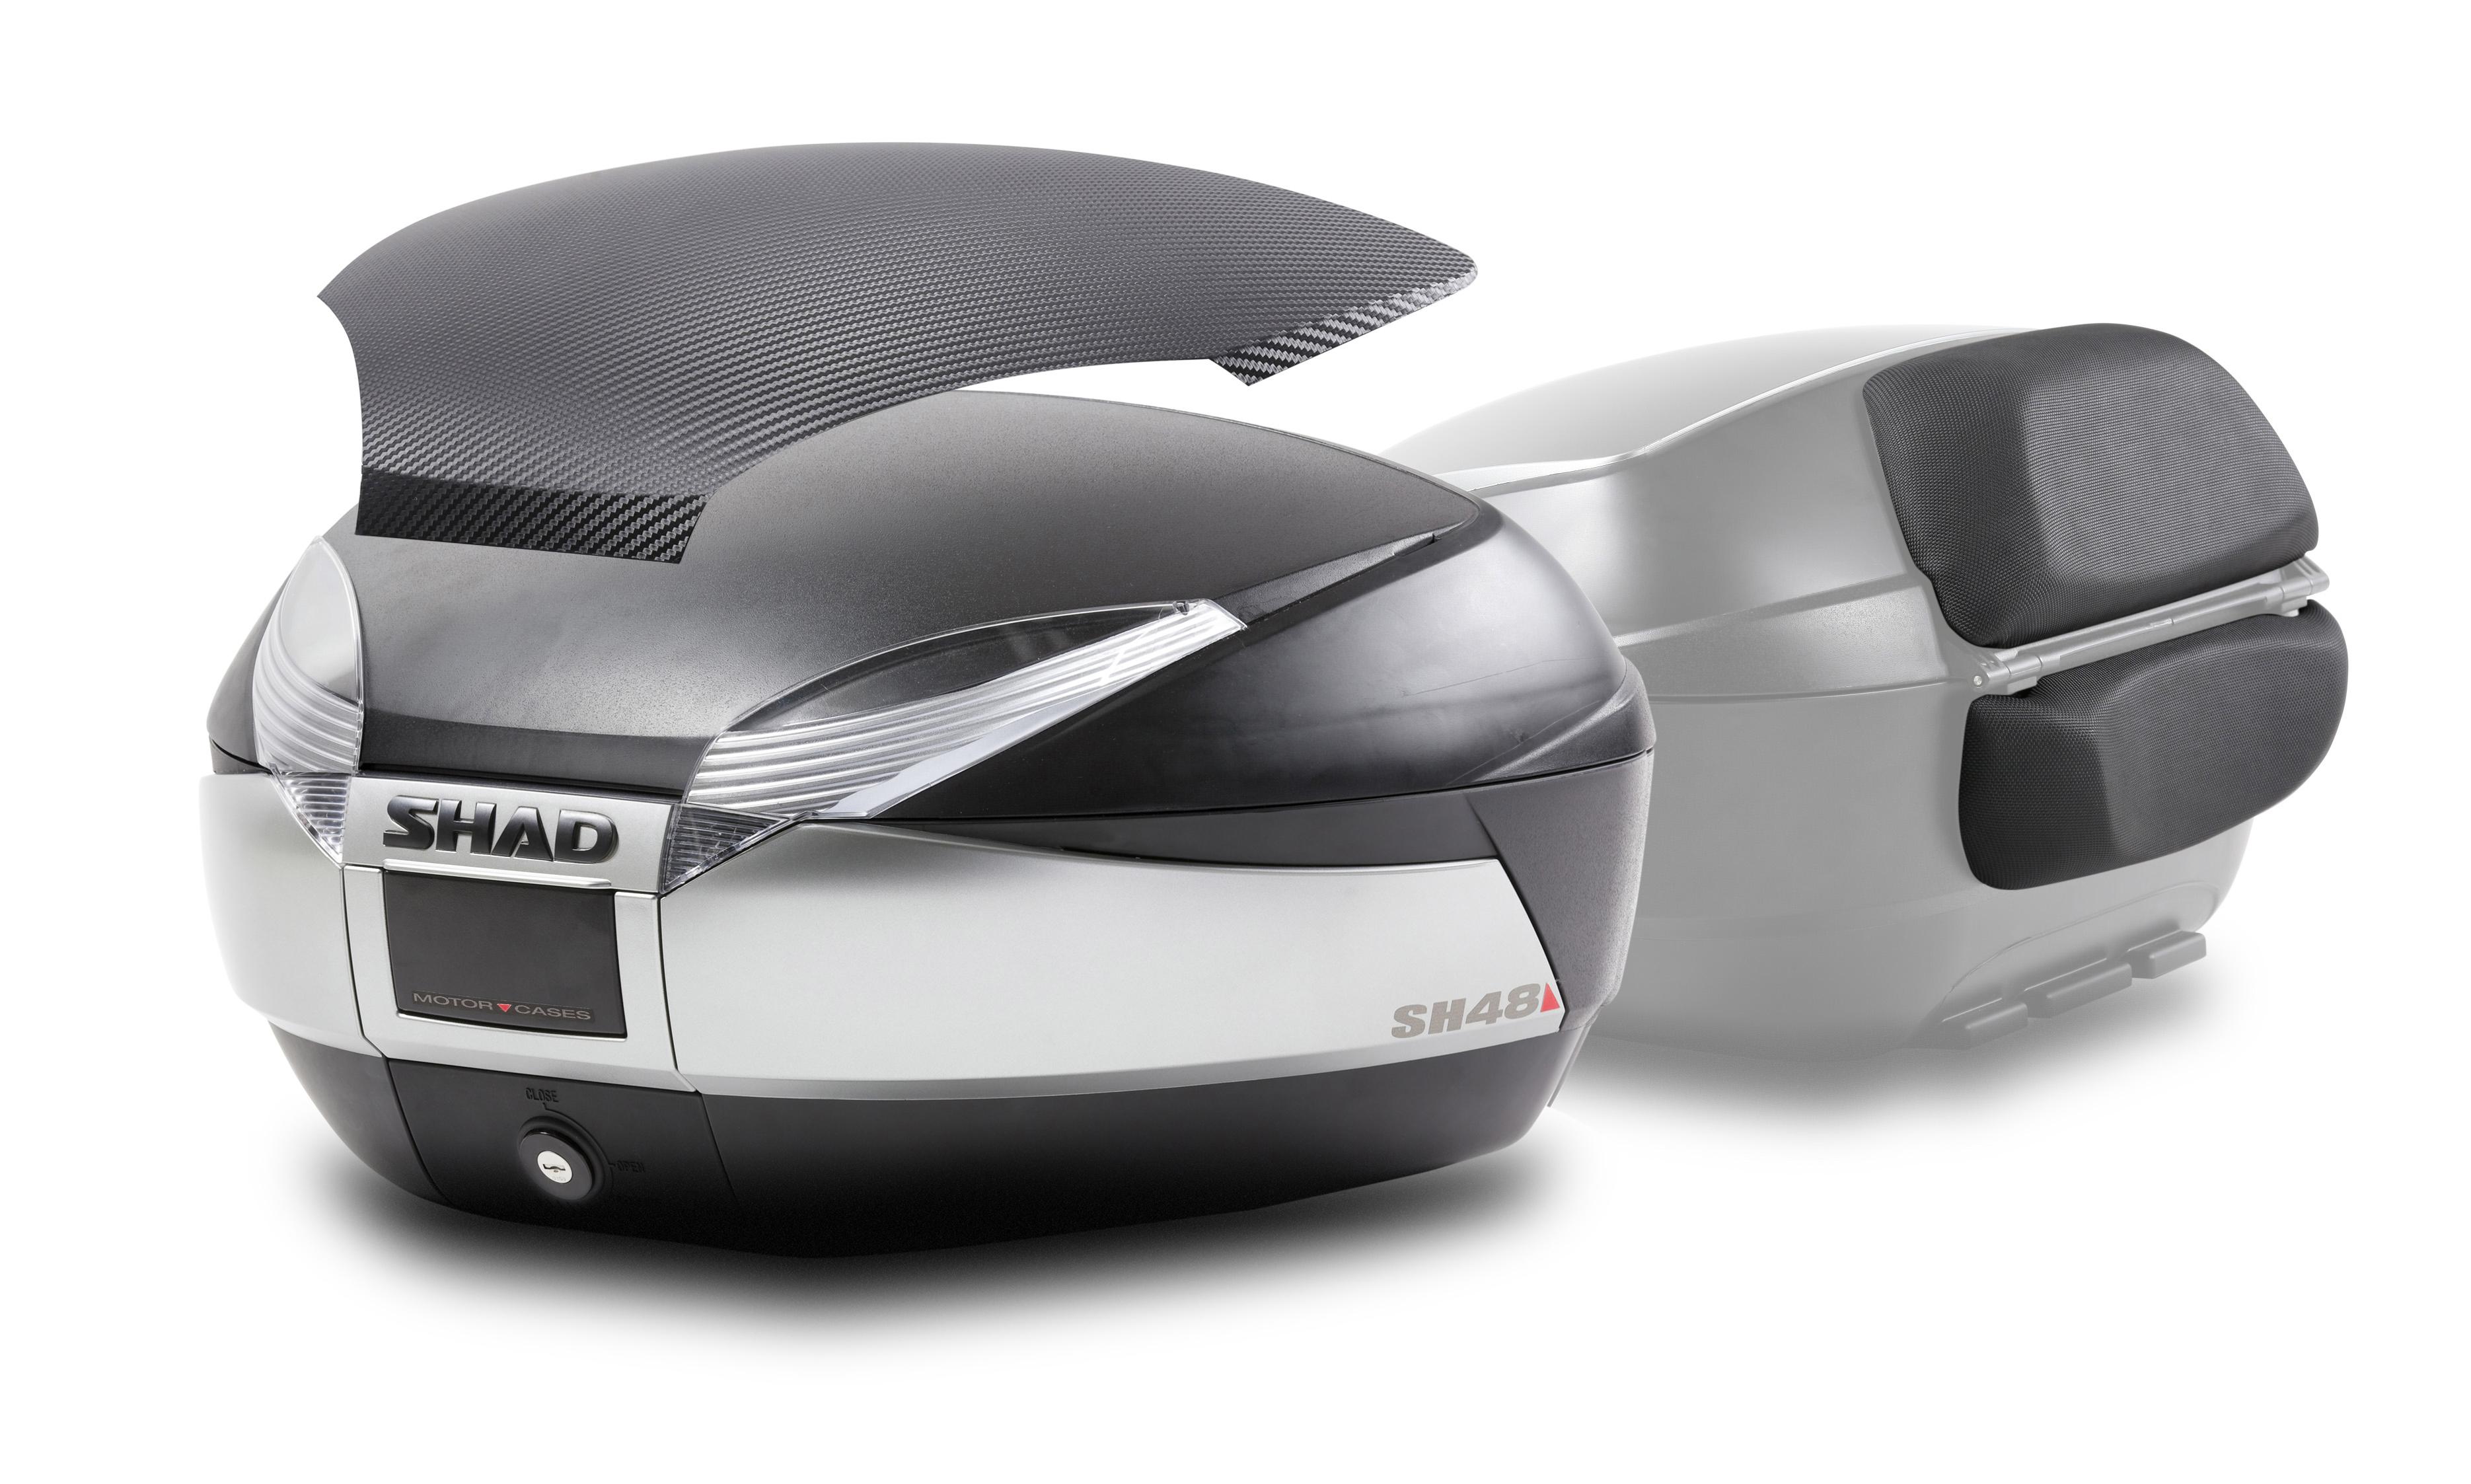 Baúl Shad SH48 titanio con tapa de carbono y respaldo